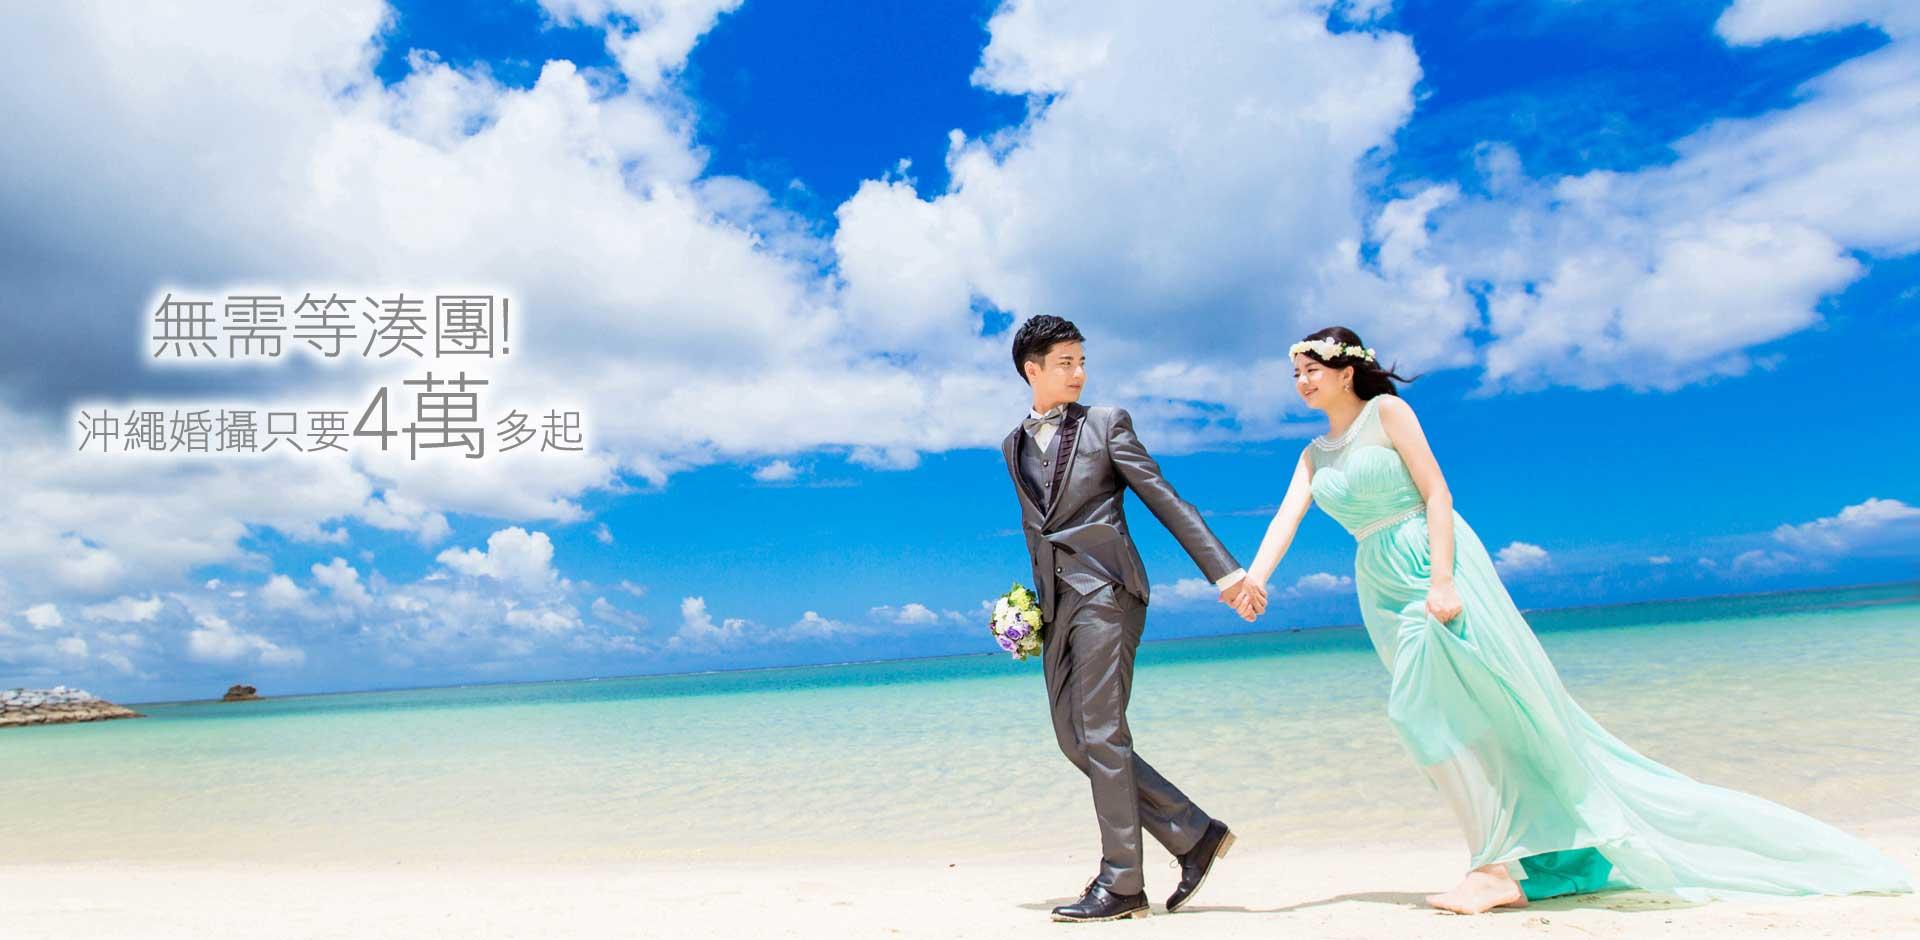 沖繩婚攝4萬多起 日本第一品牌華德培婚禮的教堂拍攝